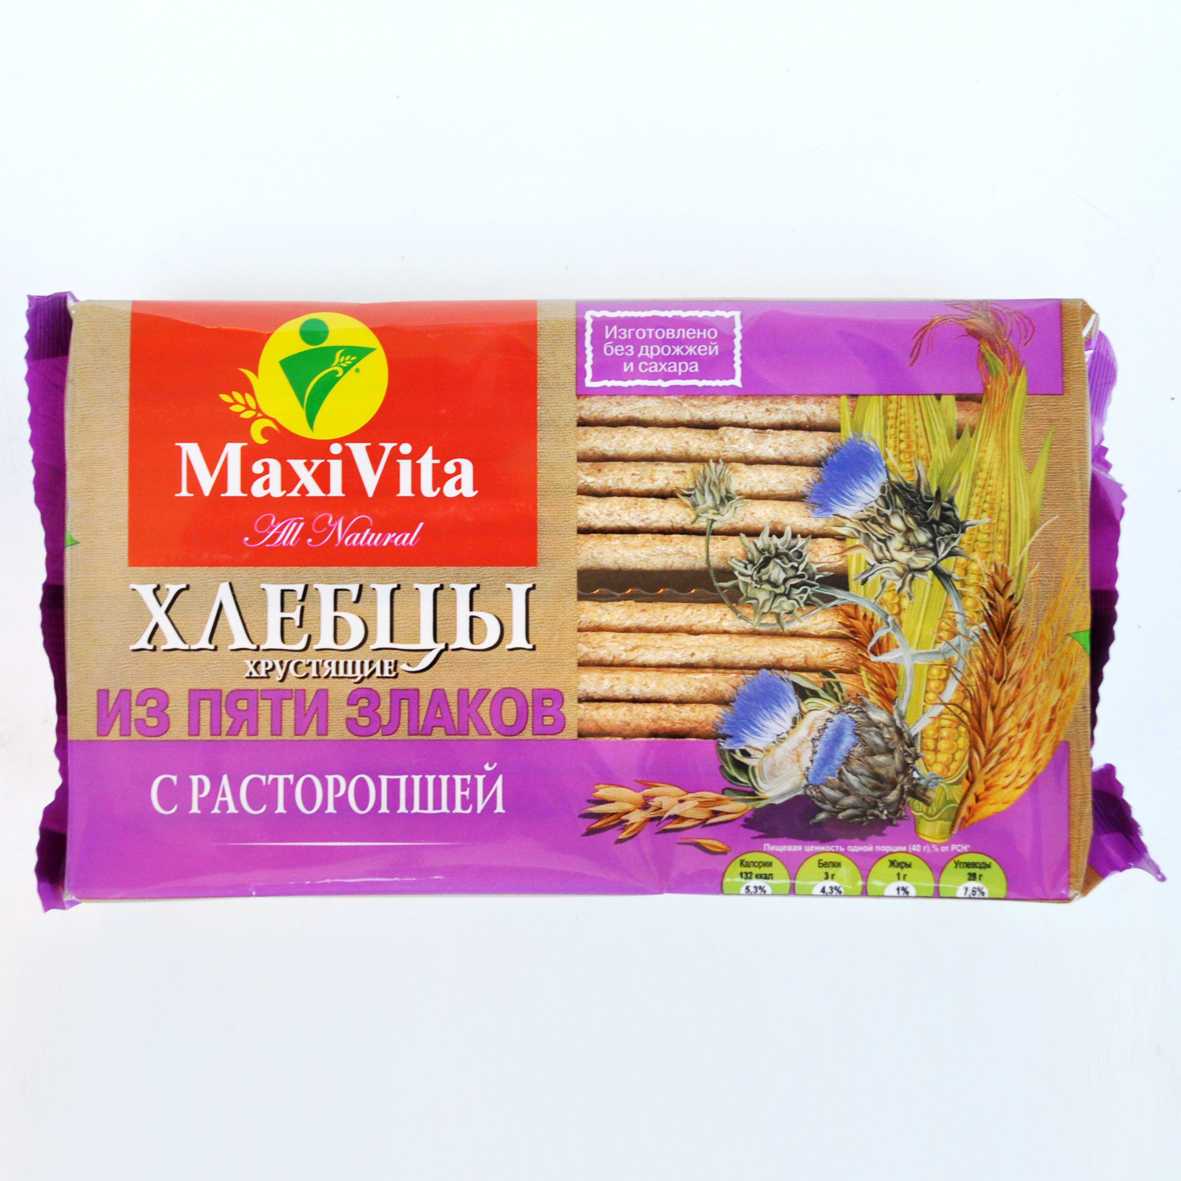 Хлебцы 5 злаков с расторопшей MaxiVita 150 гр